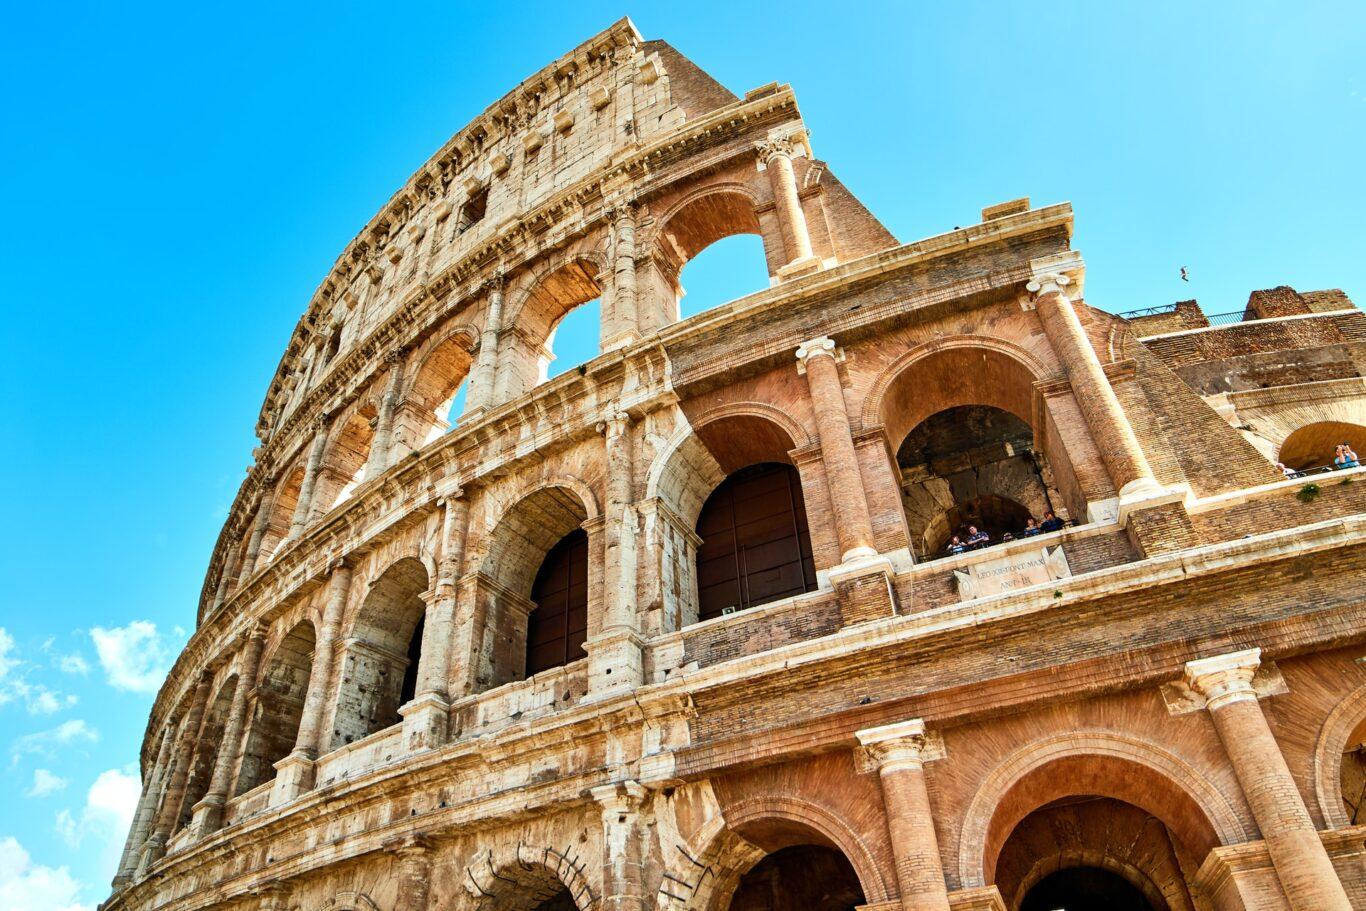 Διακοπές στη Ρώμη